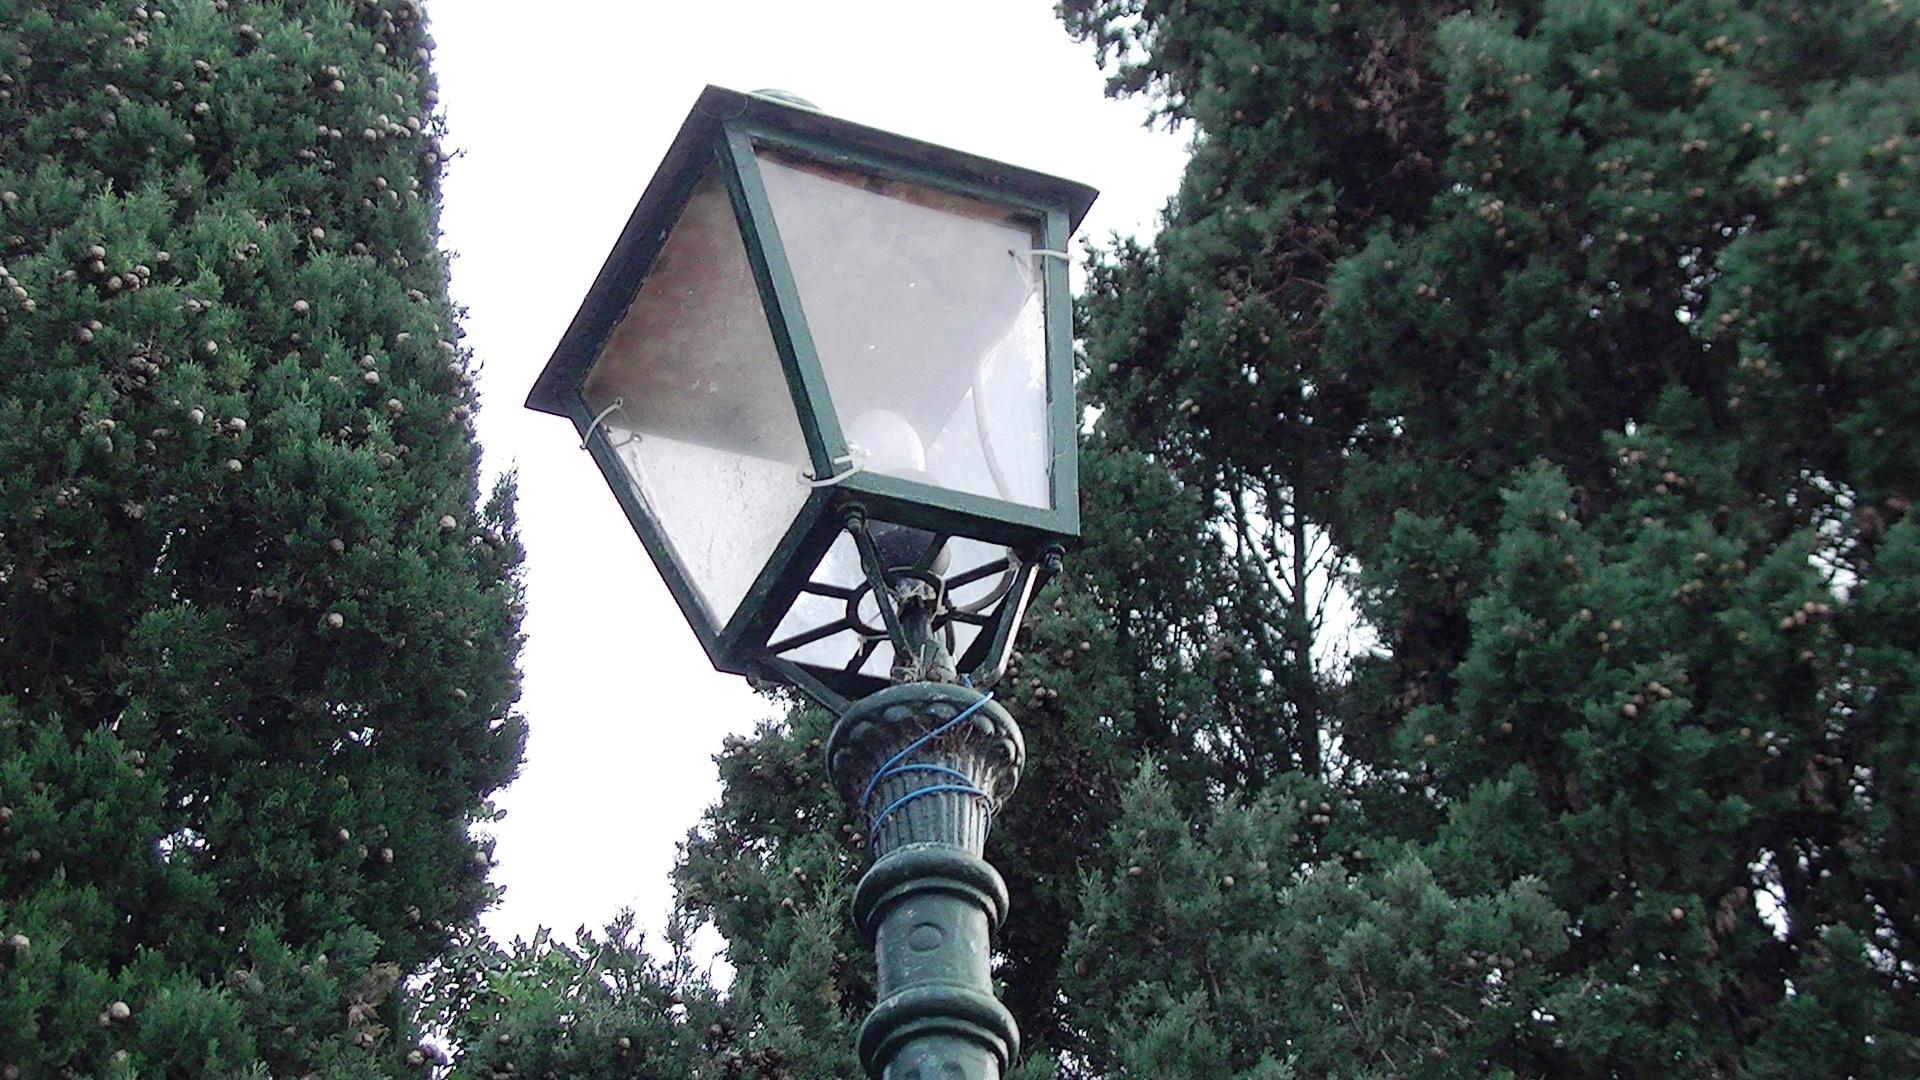 Illuminazione con treccia taverna illuminazione lampadari e